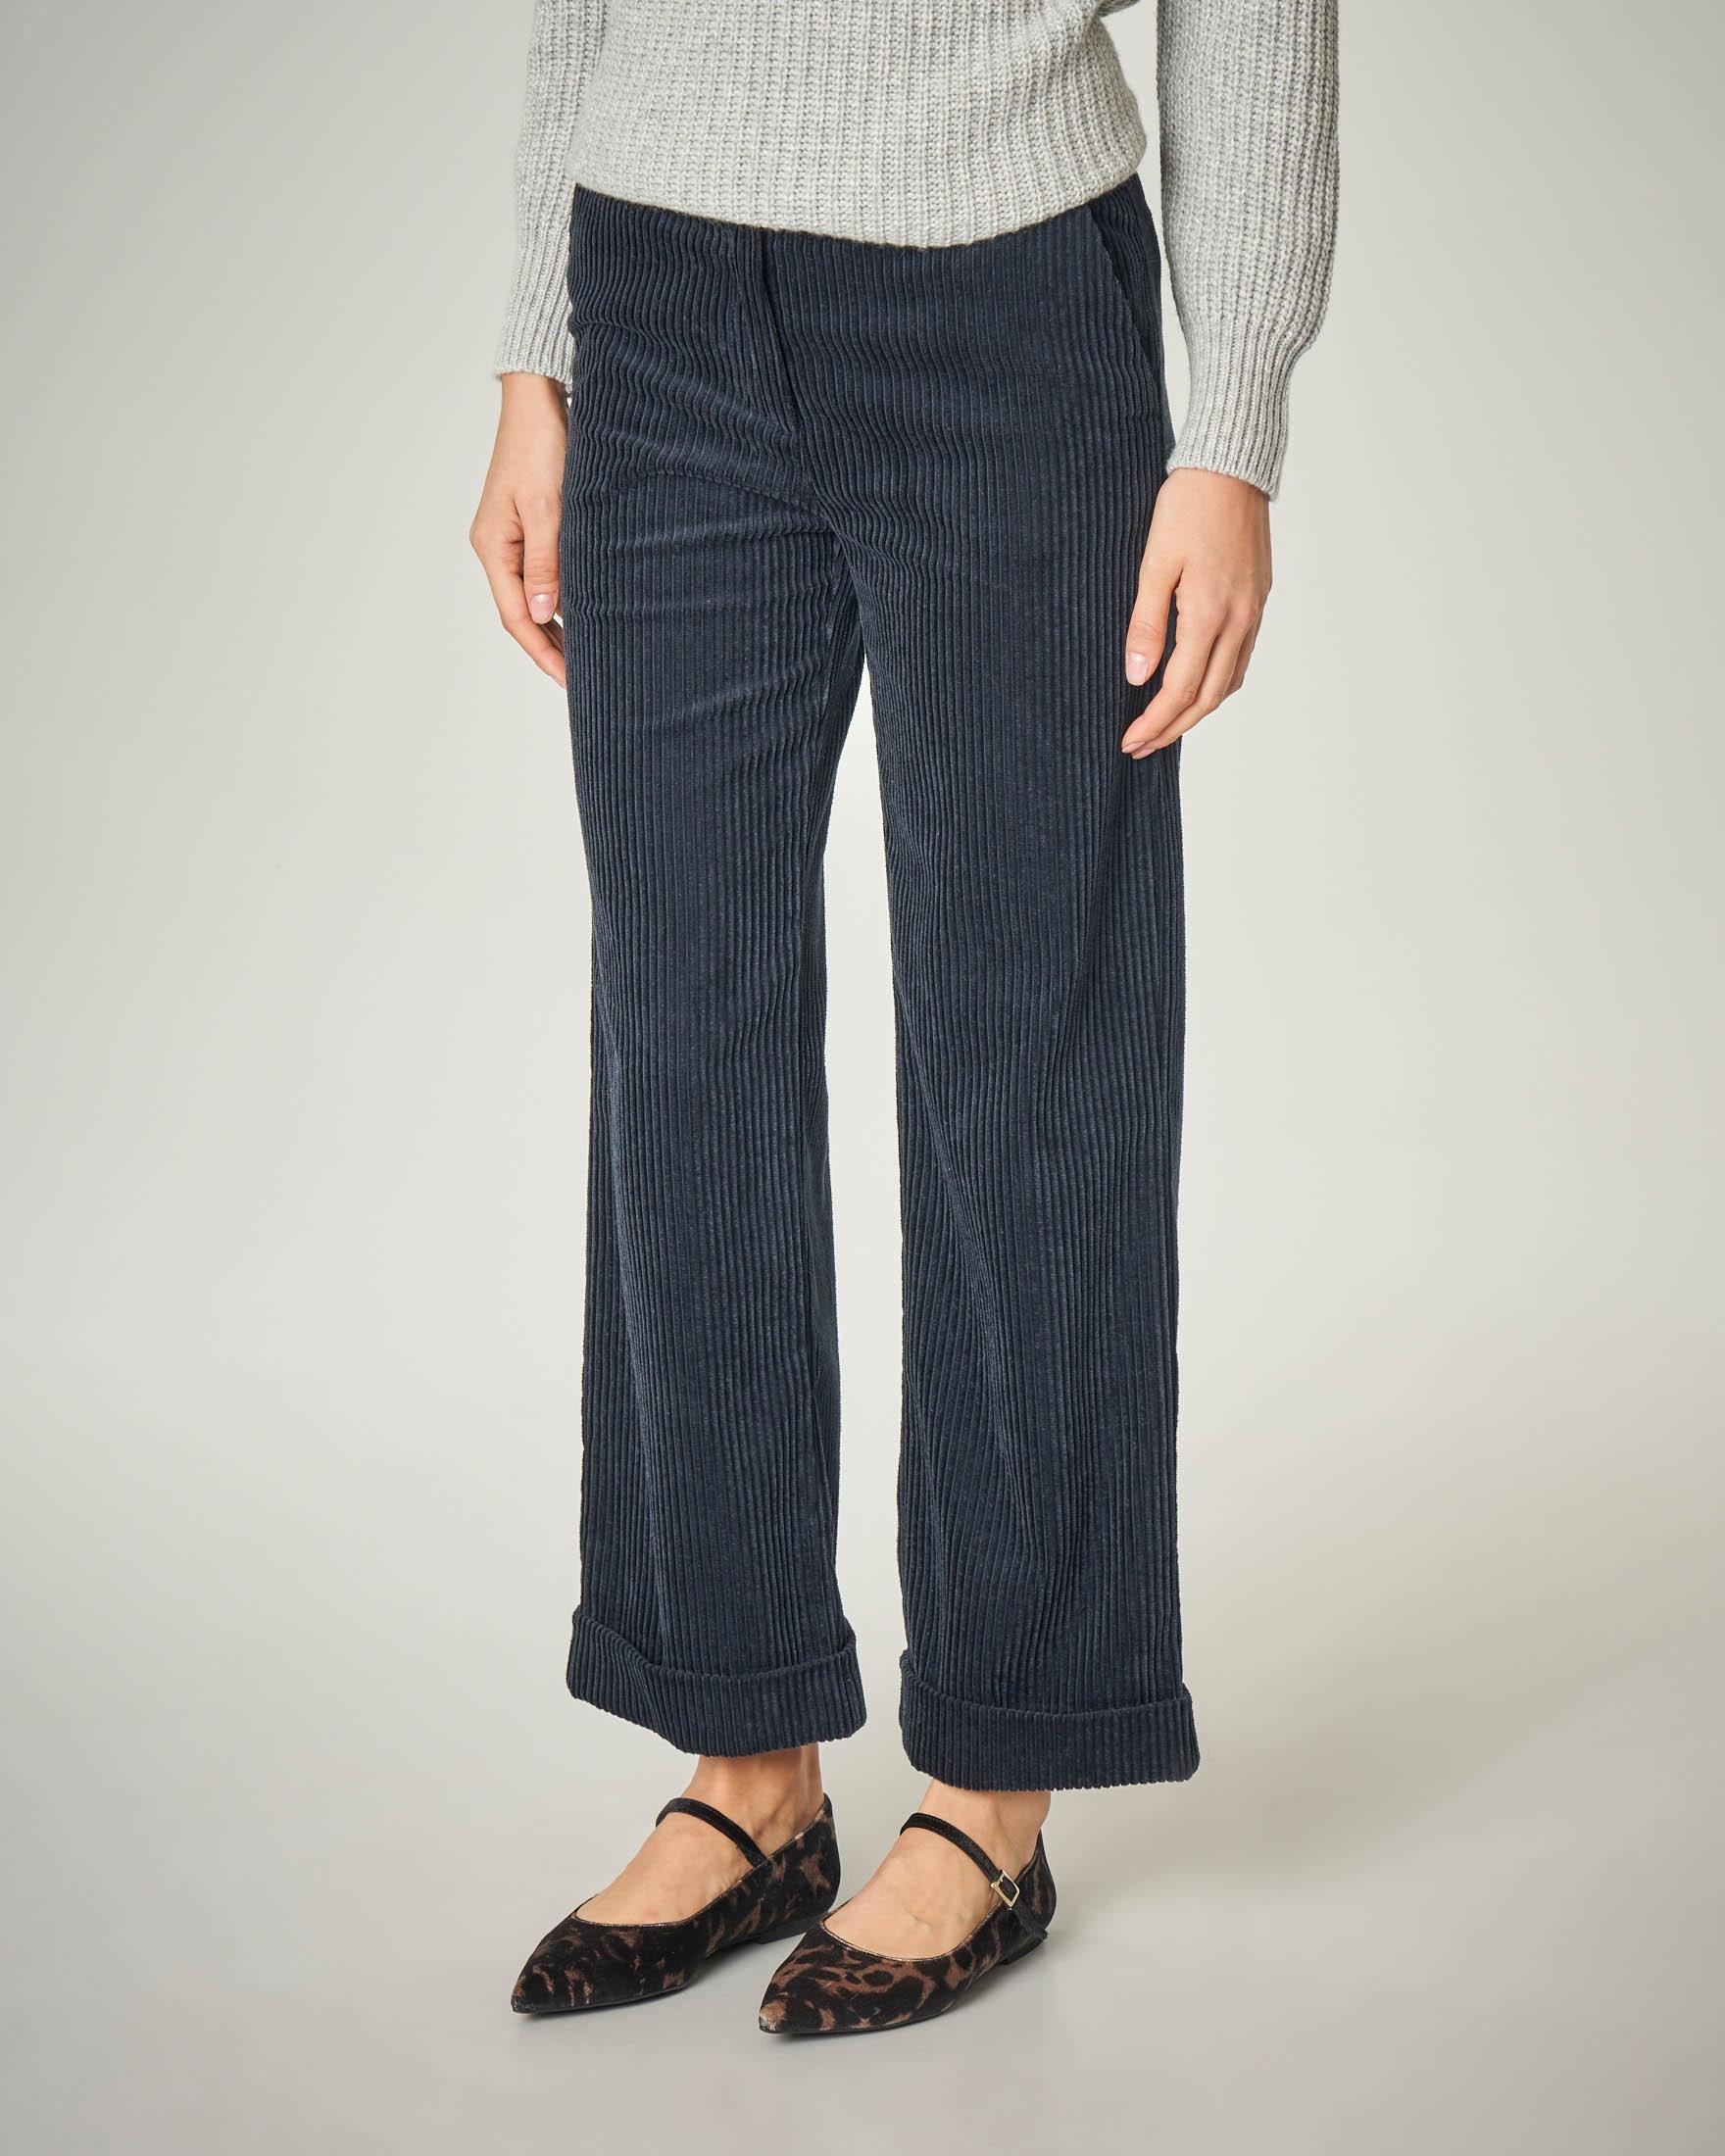 Pantalone in velluto blu a coste con maxi risvolto